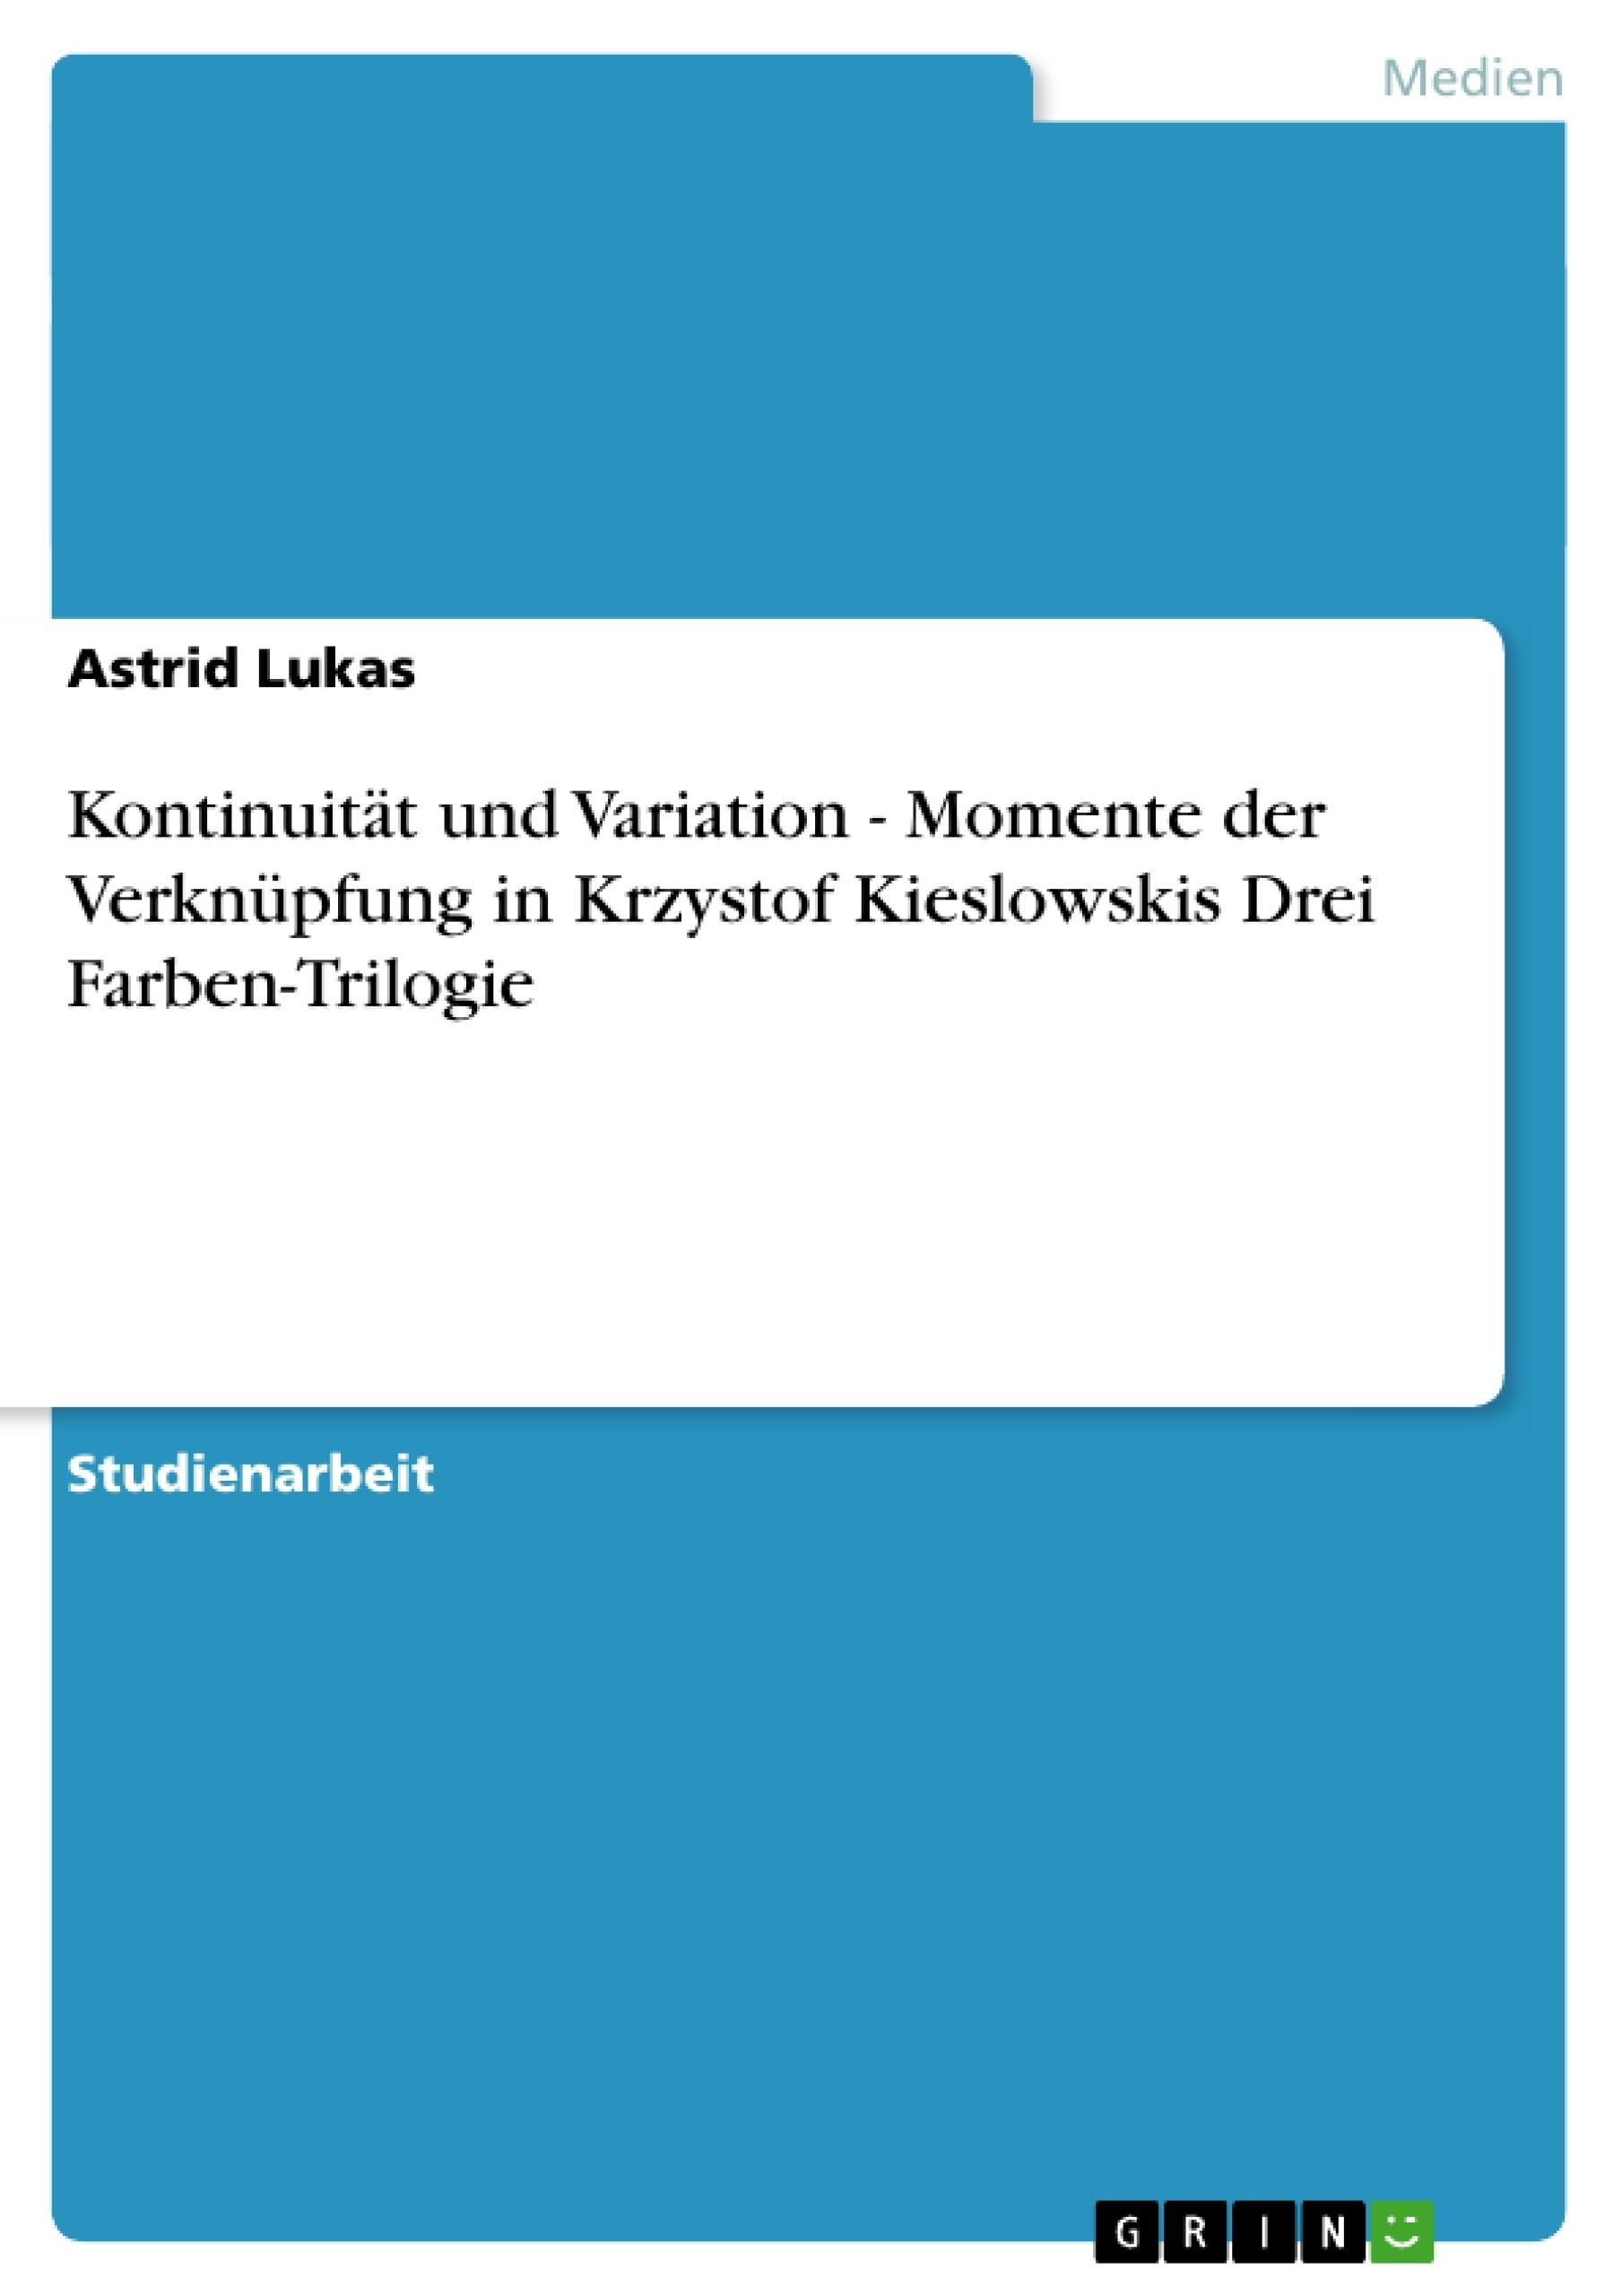 Titel: Kontinuität und Variation - Momente der Verknüpfung in Krzystof Kieslowskis Drei Farben-Trilogie